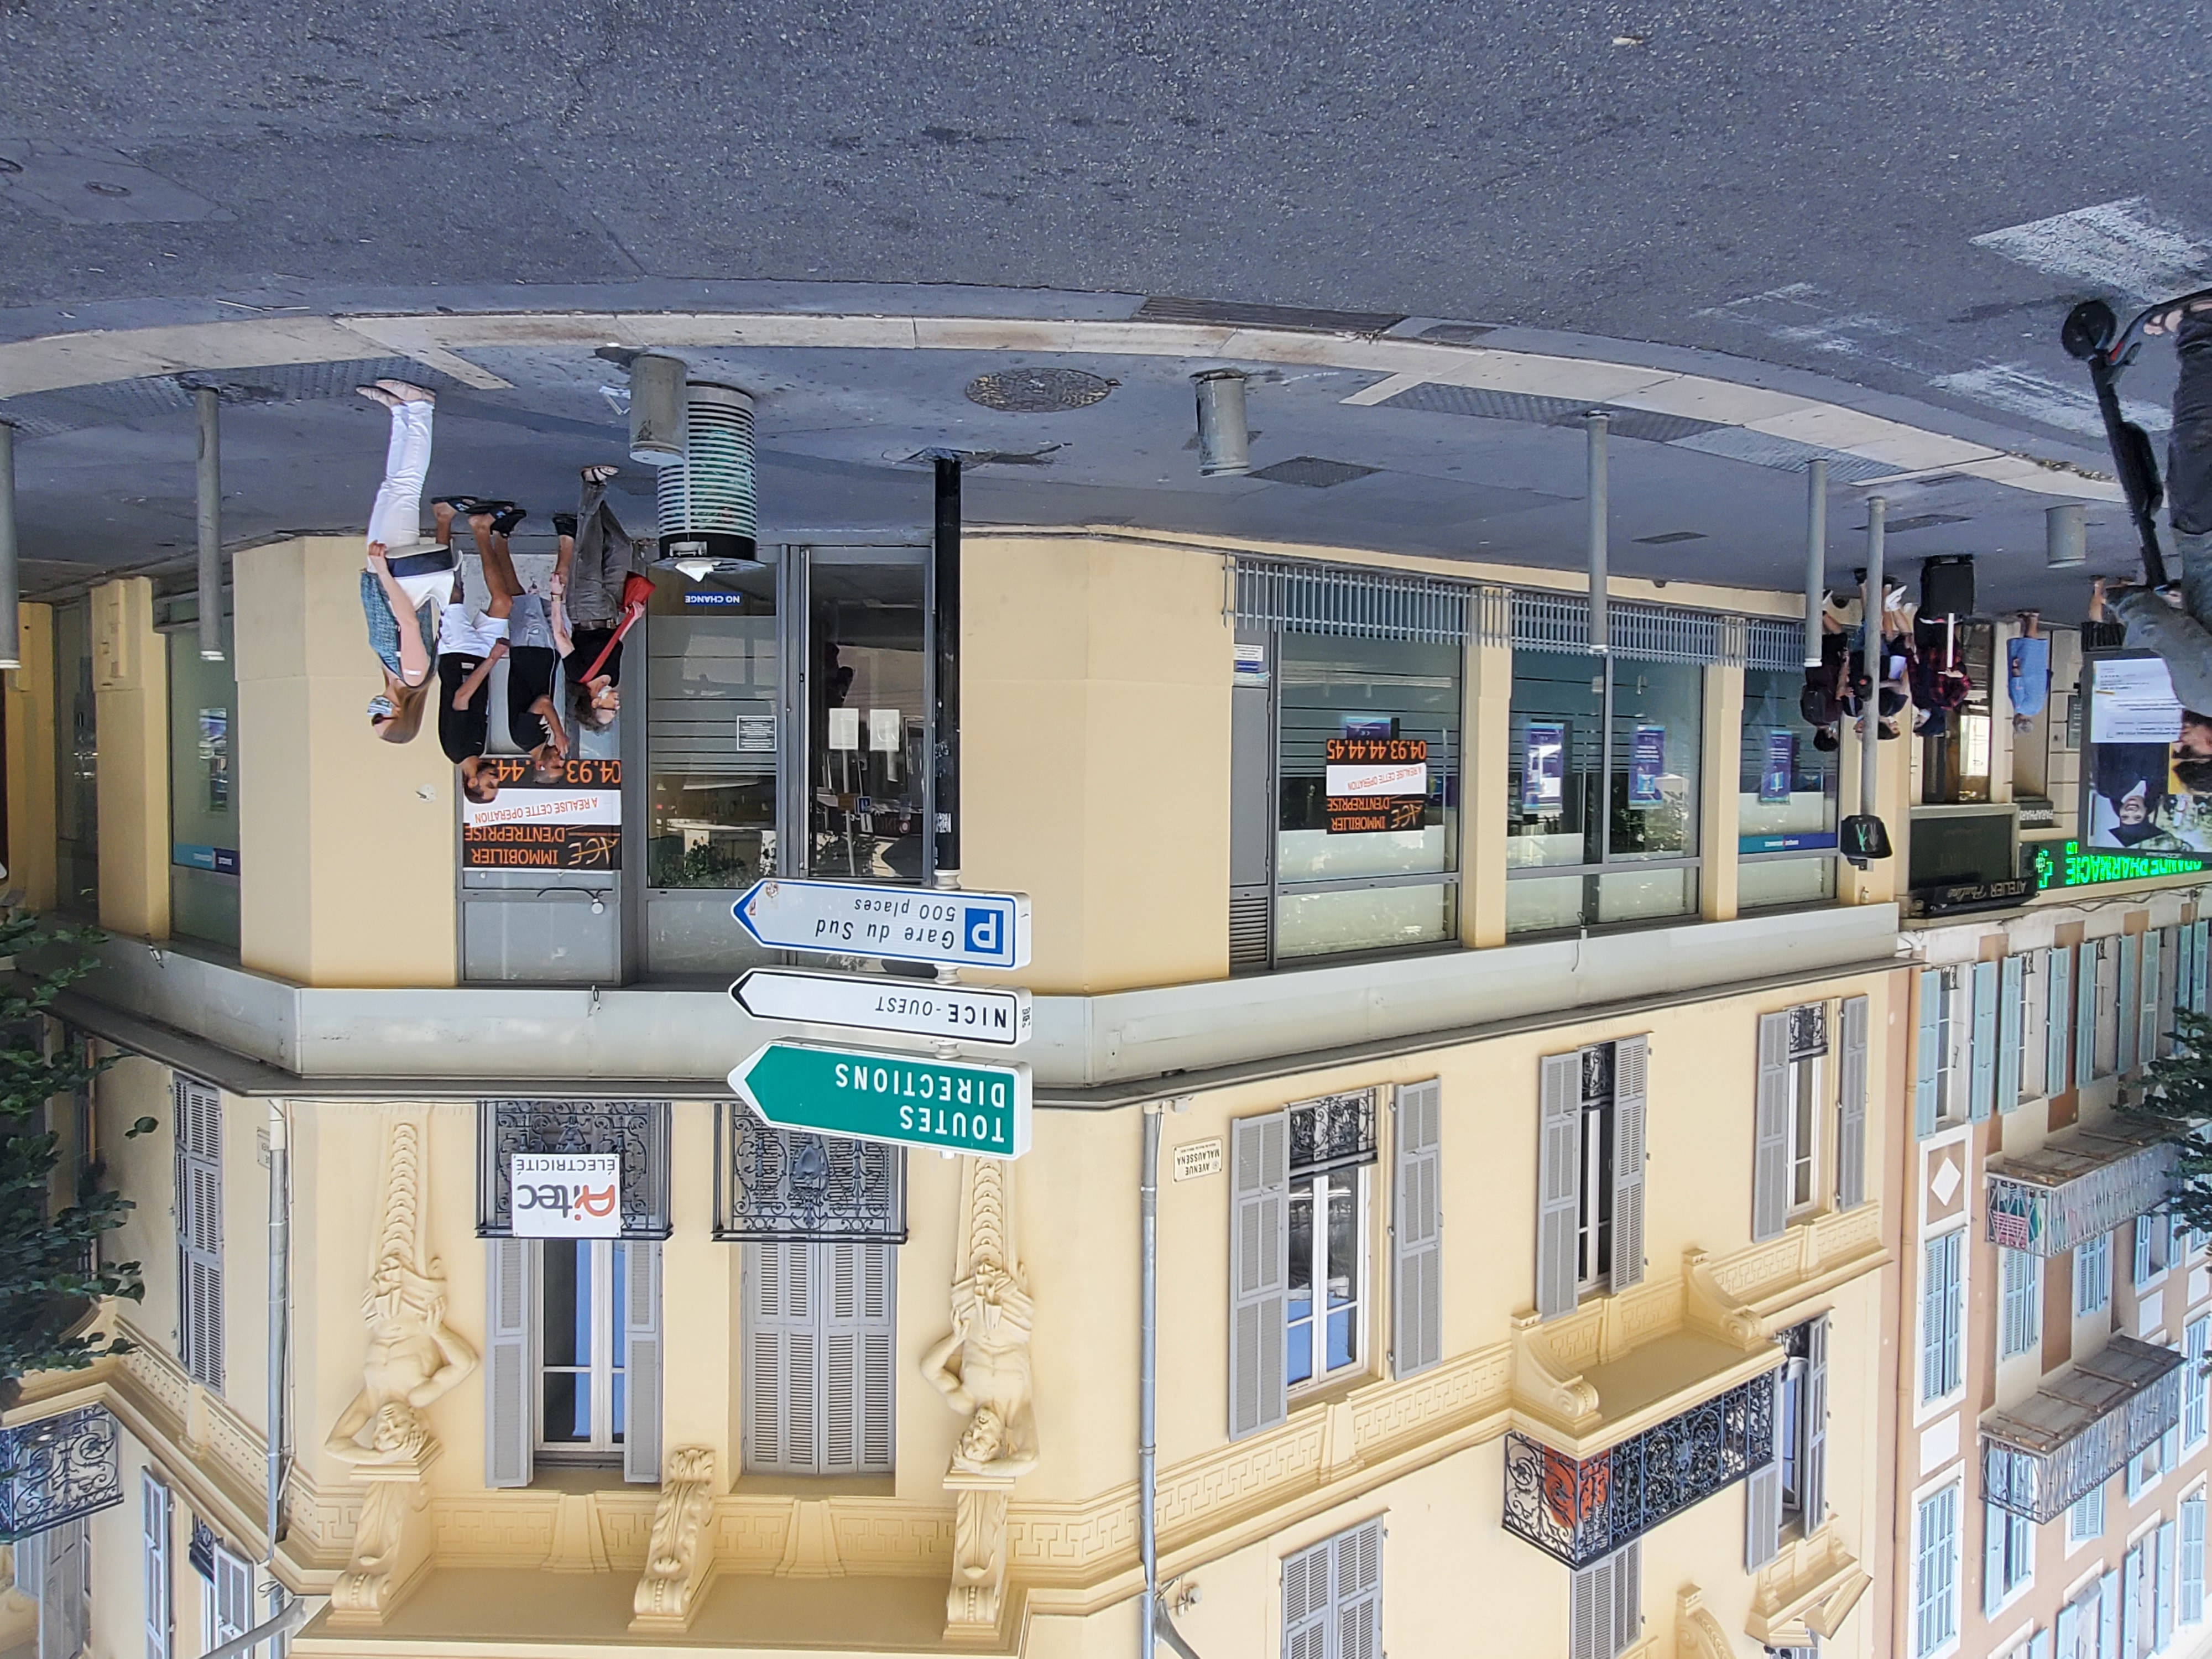 Installation du Groupe Leroy Merlin à la place DU CIC LYONNAISE DE BANQUE